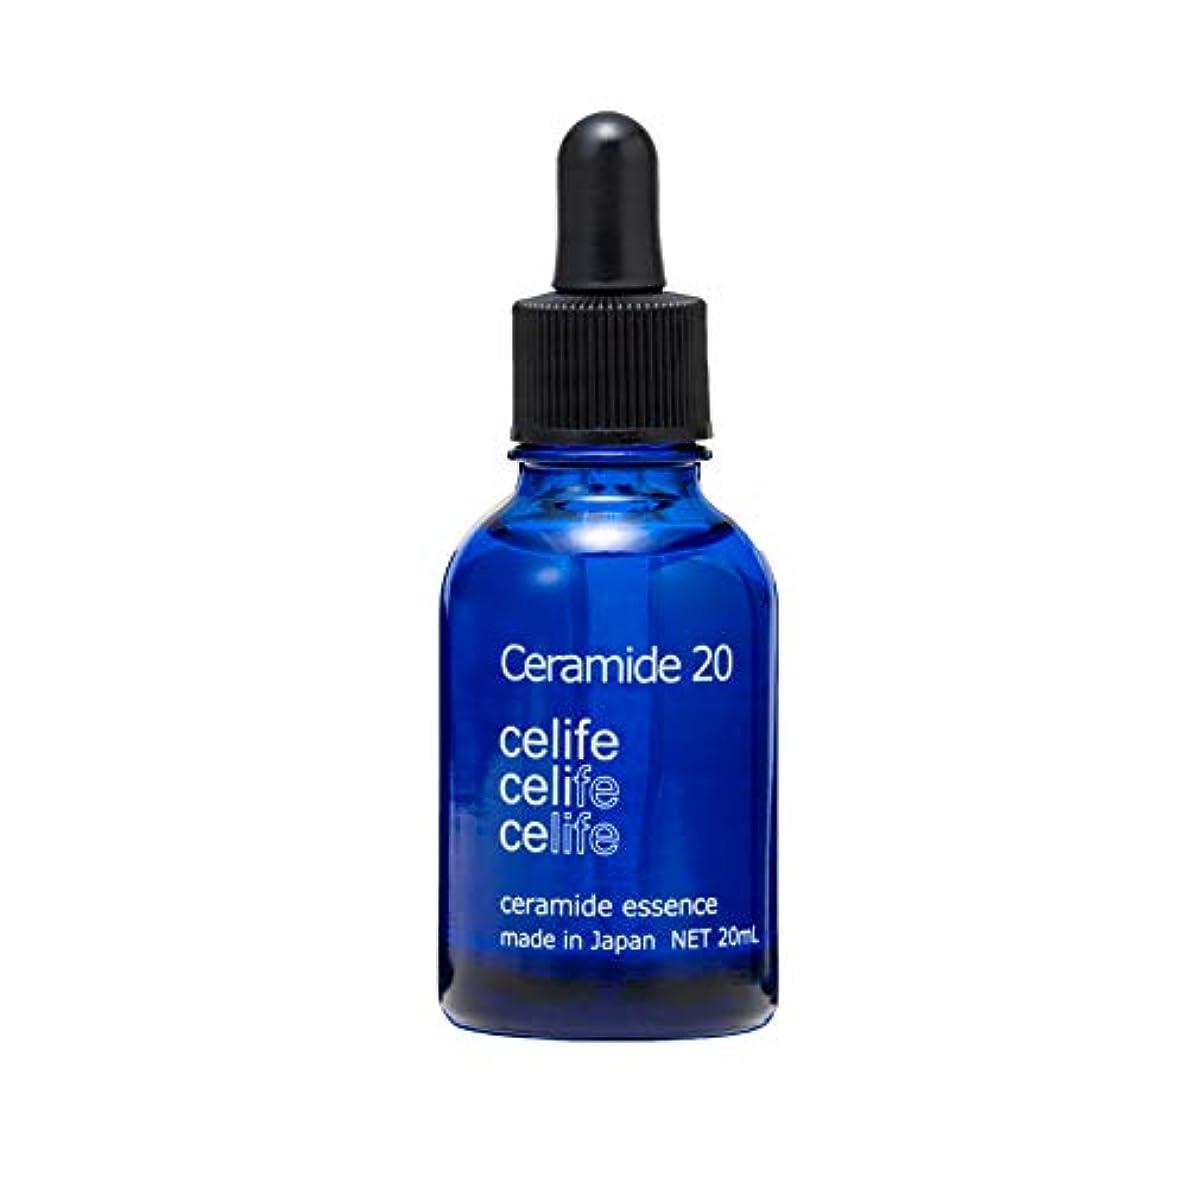 カラス送った排除するcelife 天然セラミド配合美容液 セラミド 20